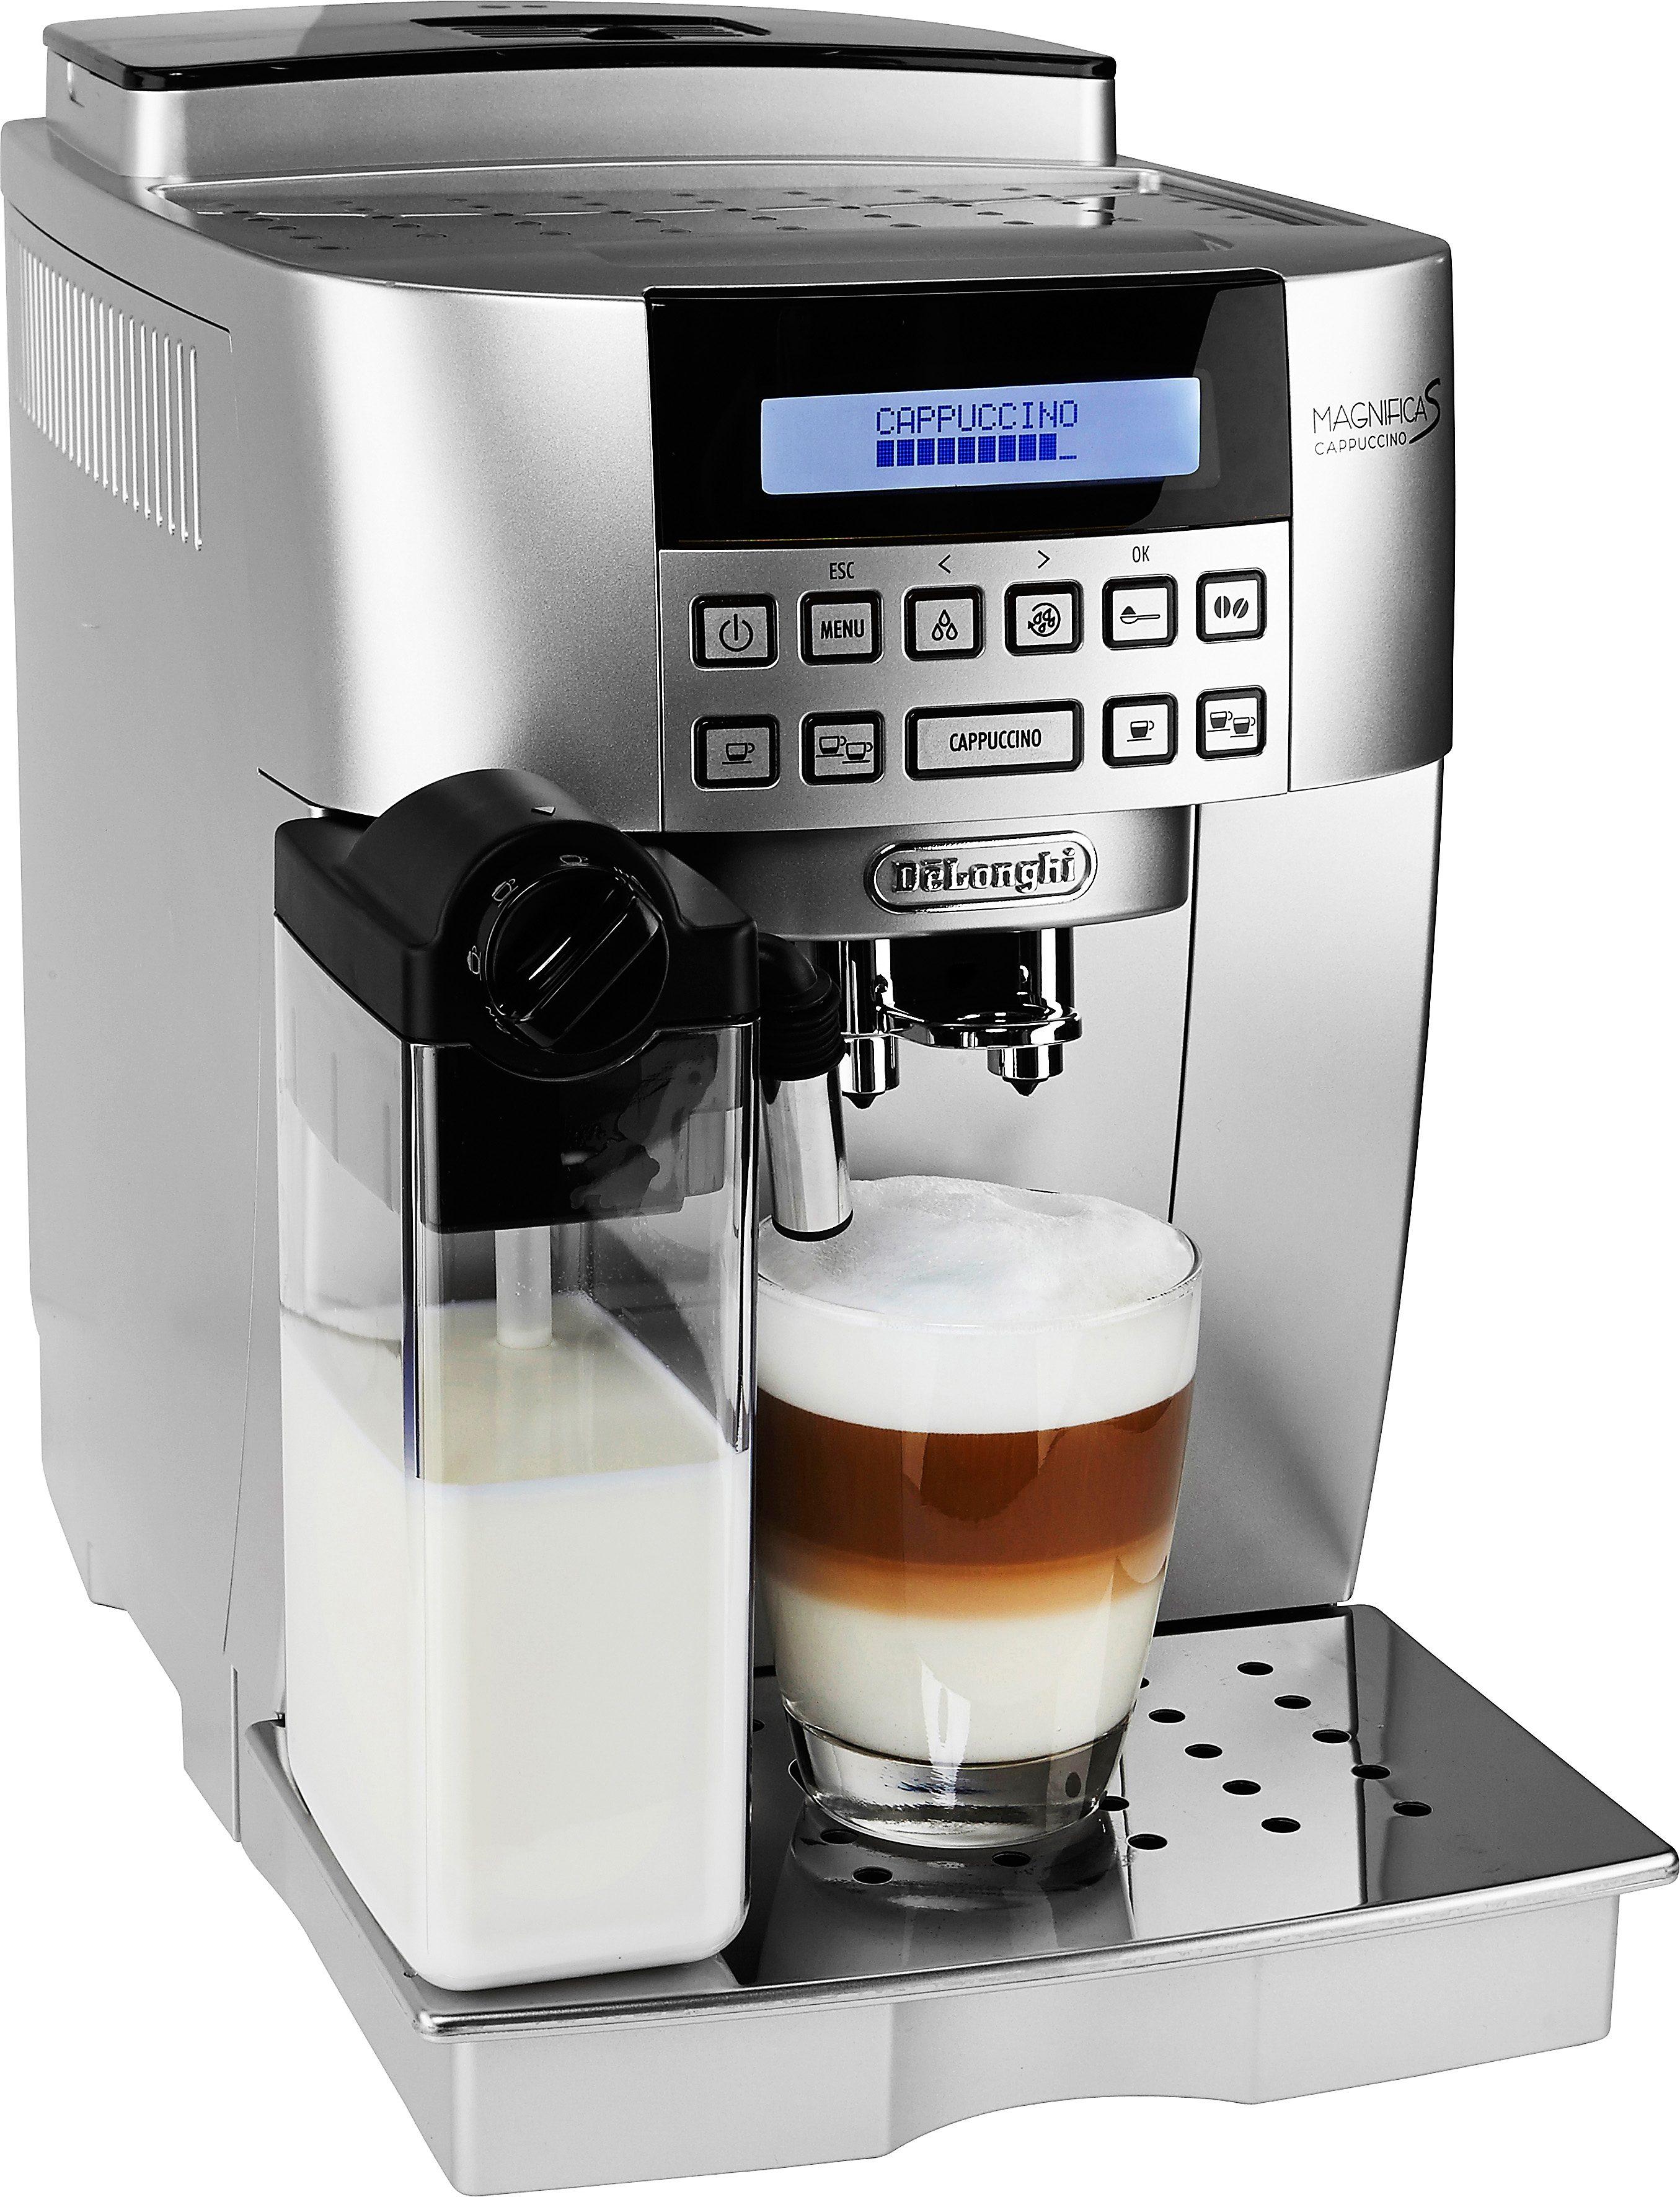 De'Longhi Kaffeevollautomat Magnifica S Cappuccino ECAM 22.366.S, Kegelmahlwerk